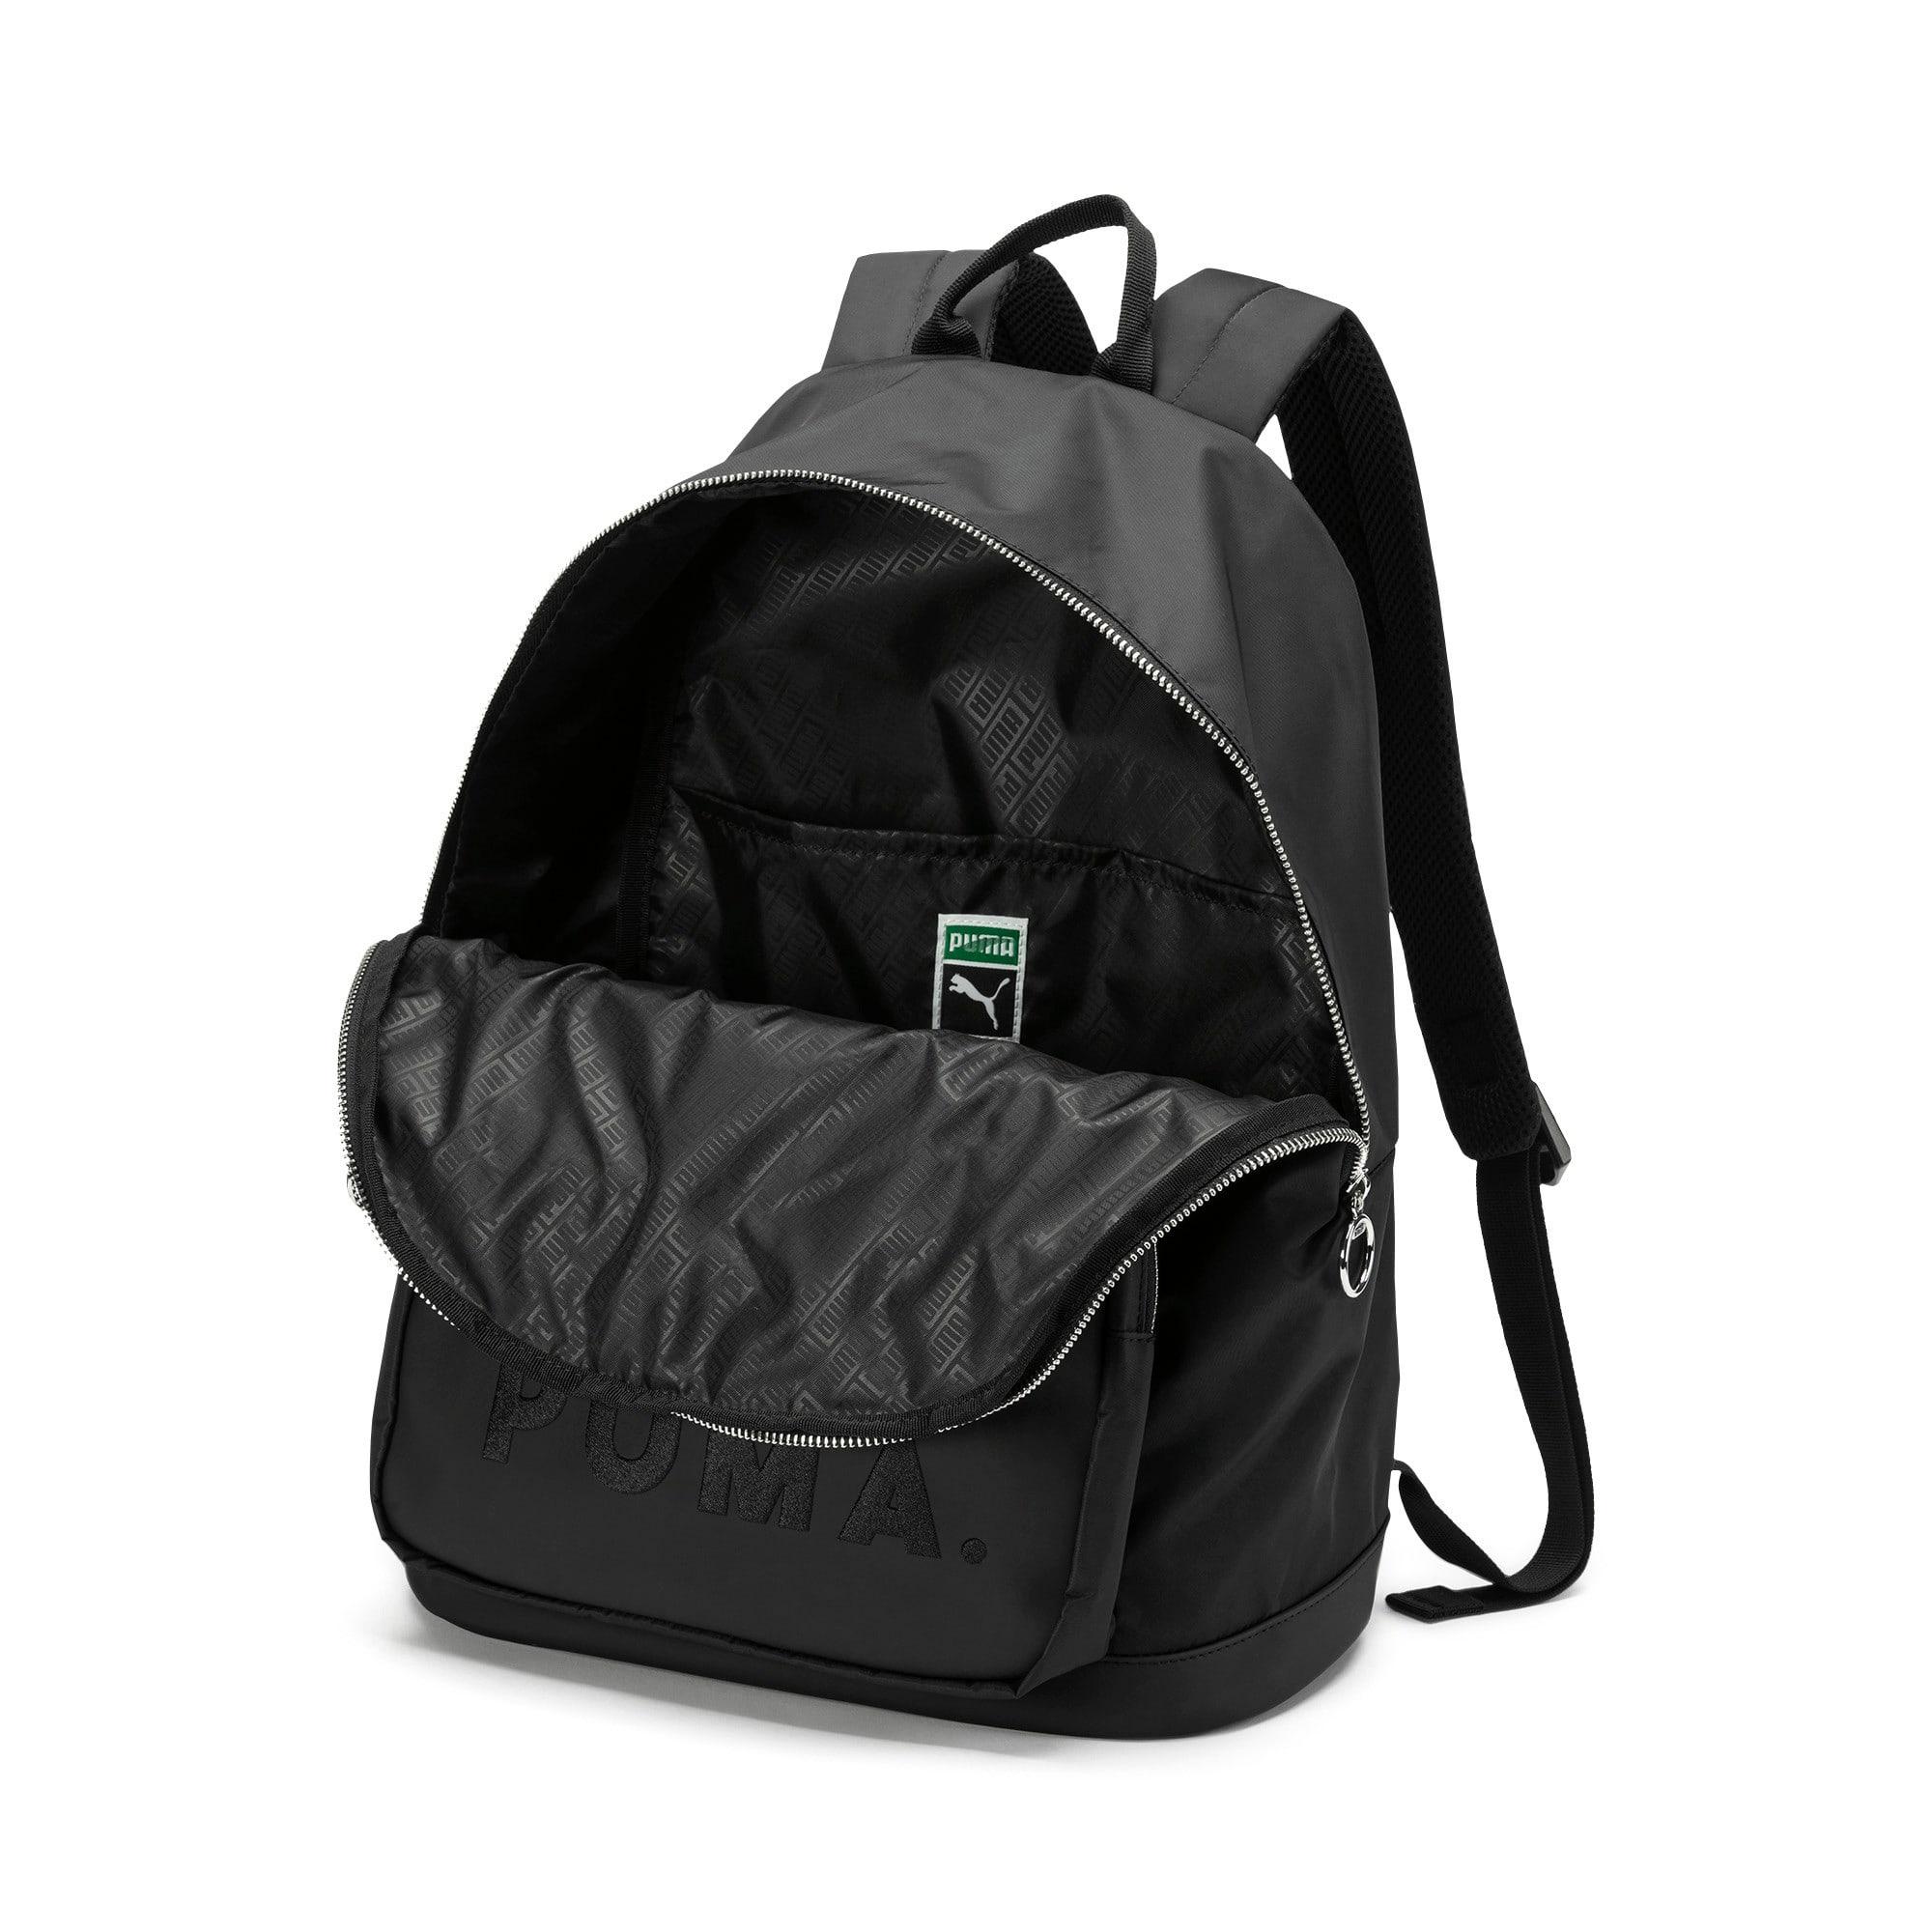 Thumbnail 4 of Originals Trend Backpack, Puma Black, medium